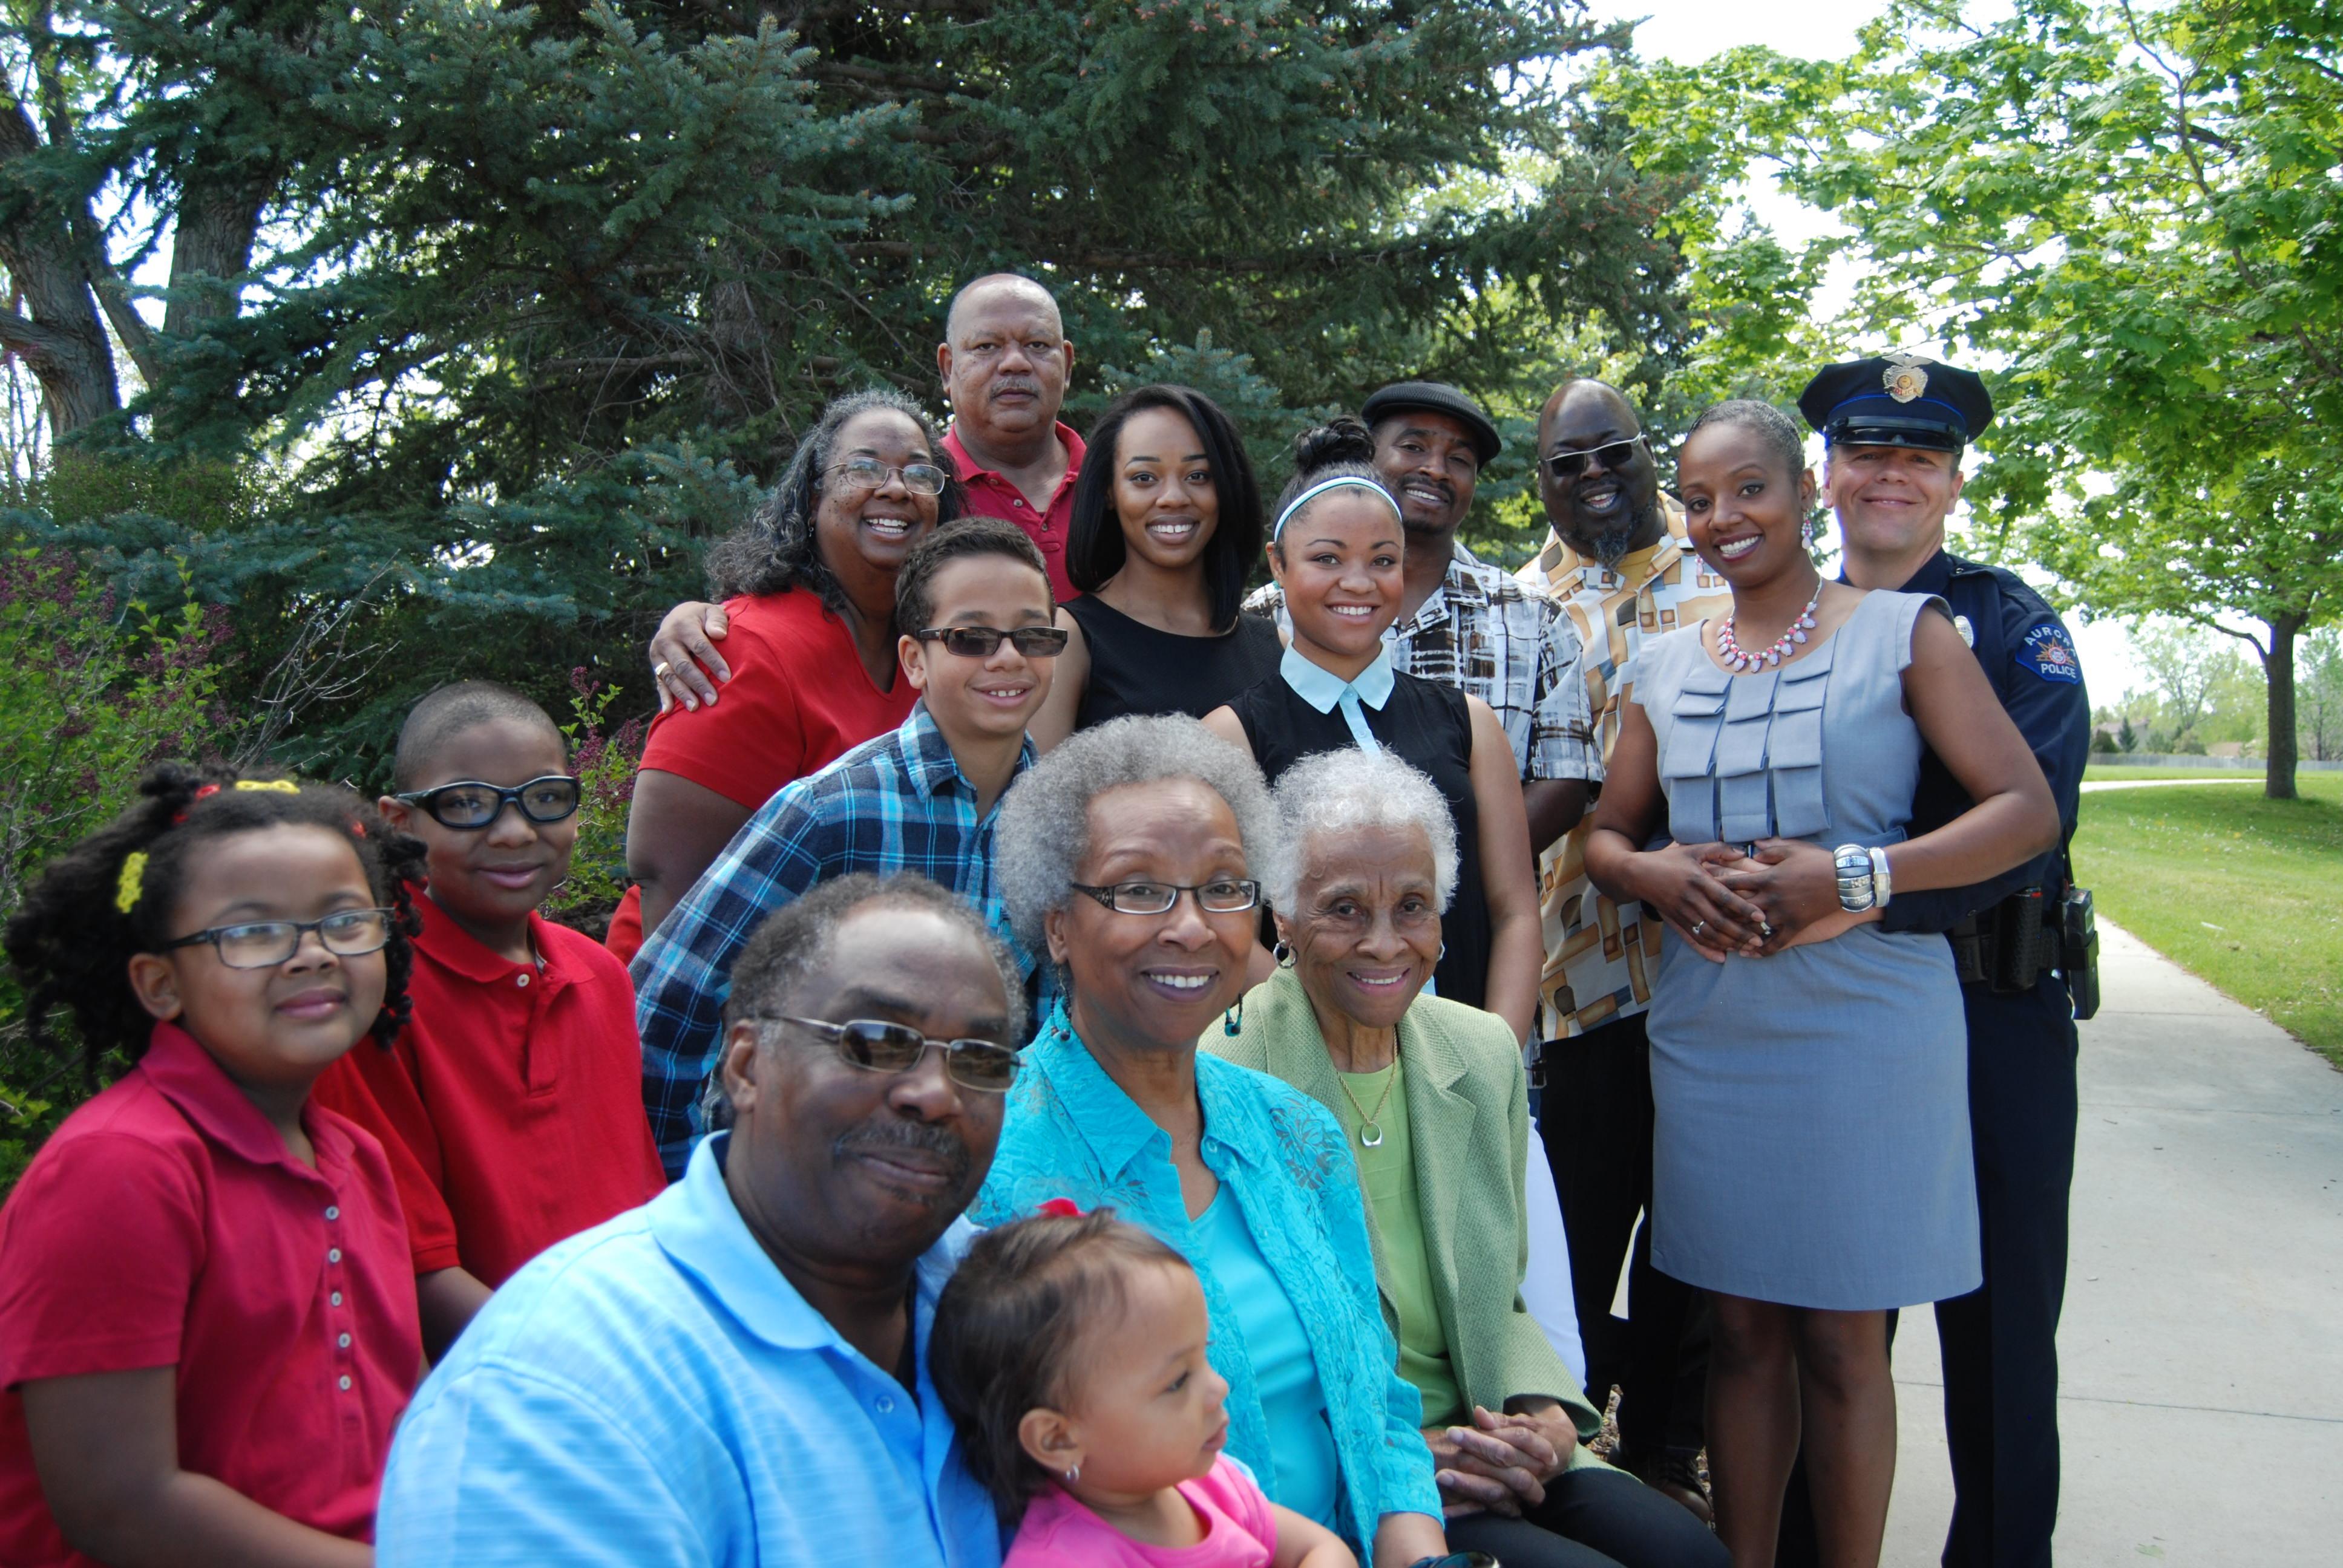 Honor a Caregiver